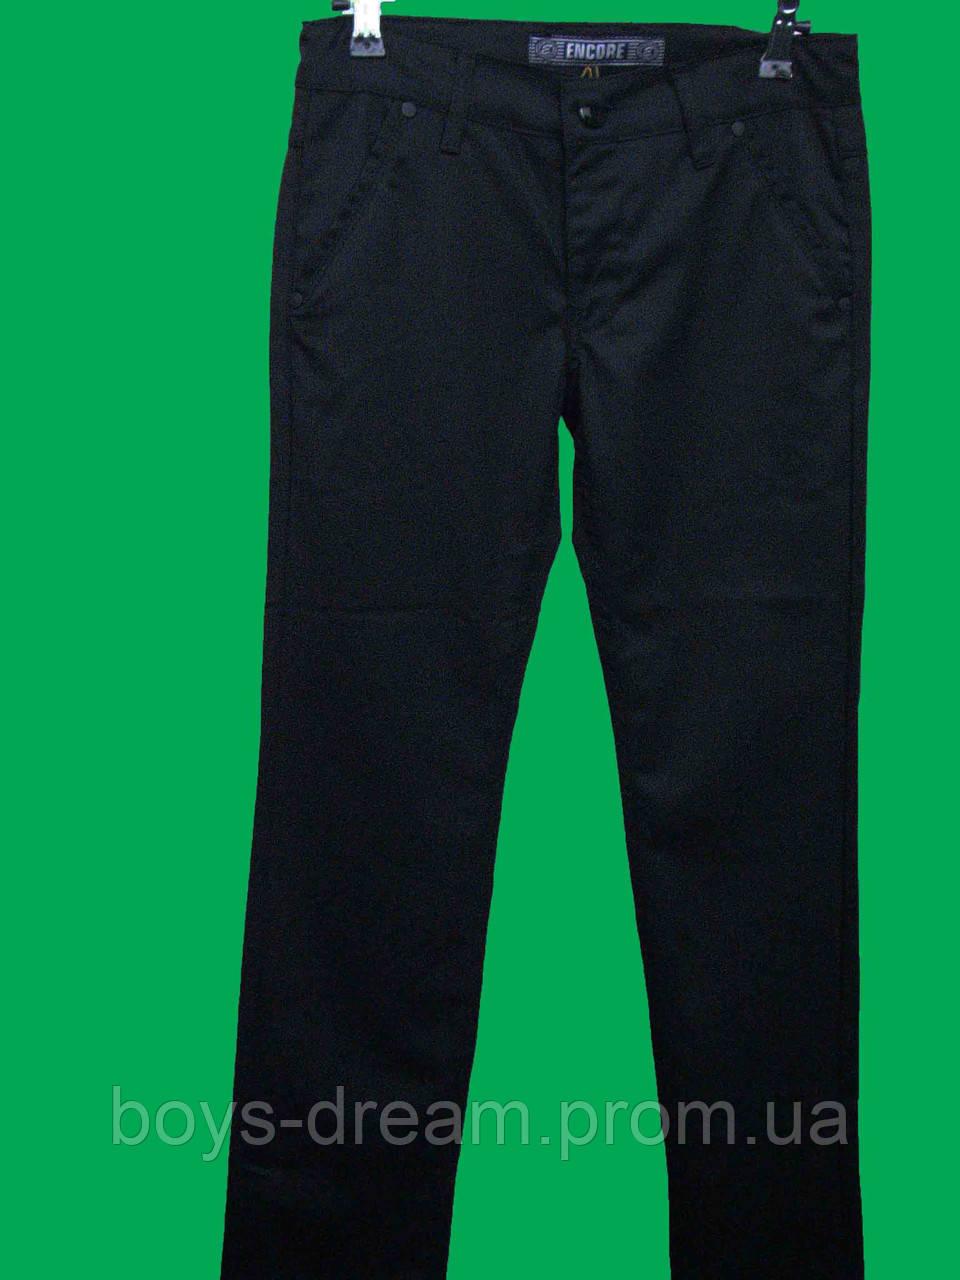 Классические брюки для мальчика 152-164 (Турция), фото 1